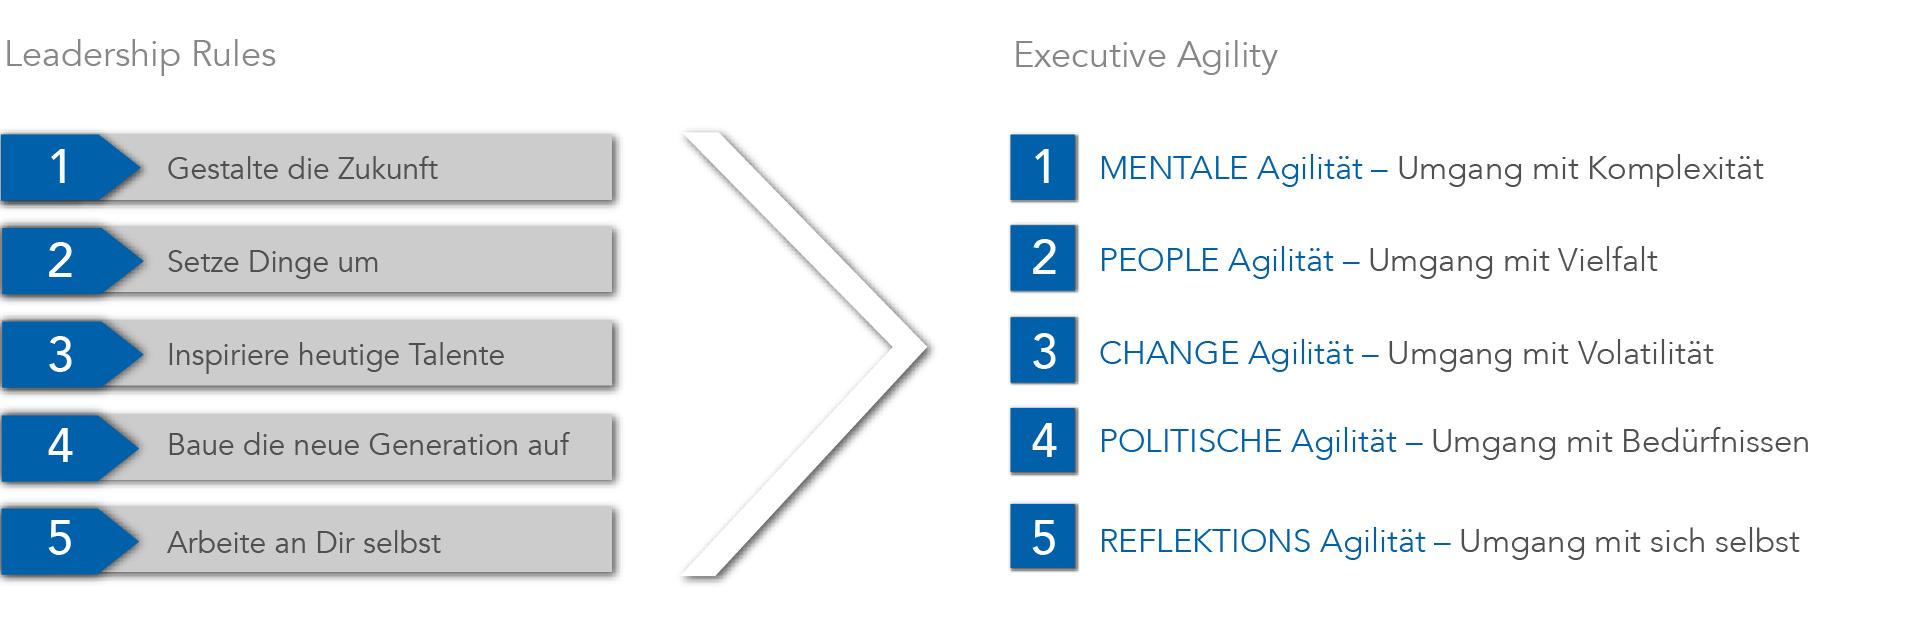 dienstleistungen_exe_agility_d